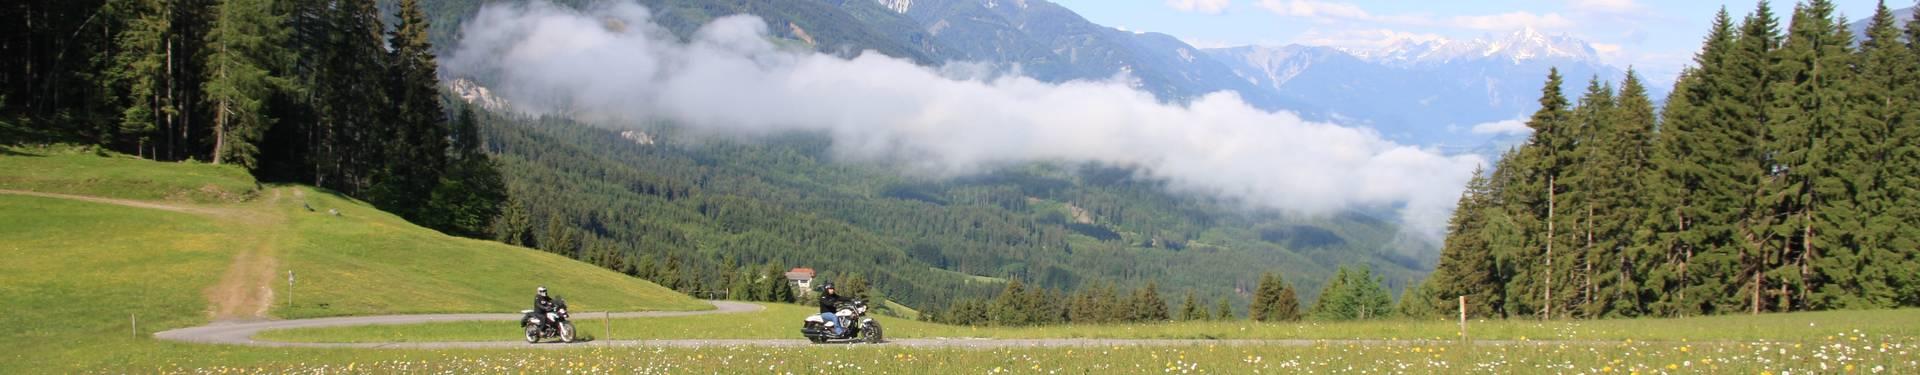 Motorradland Kärnten, Weissensee beim Tschabitscher